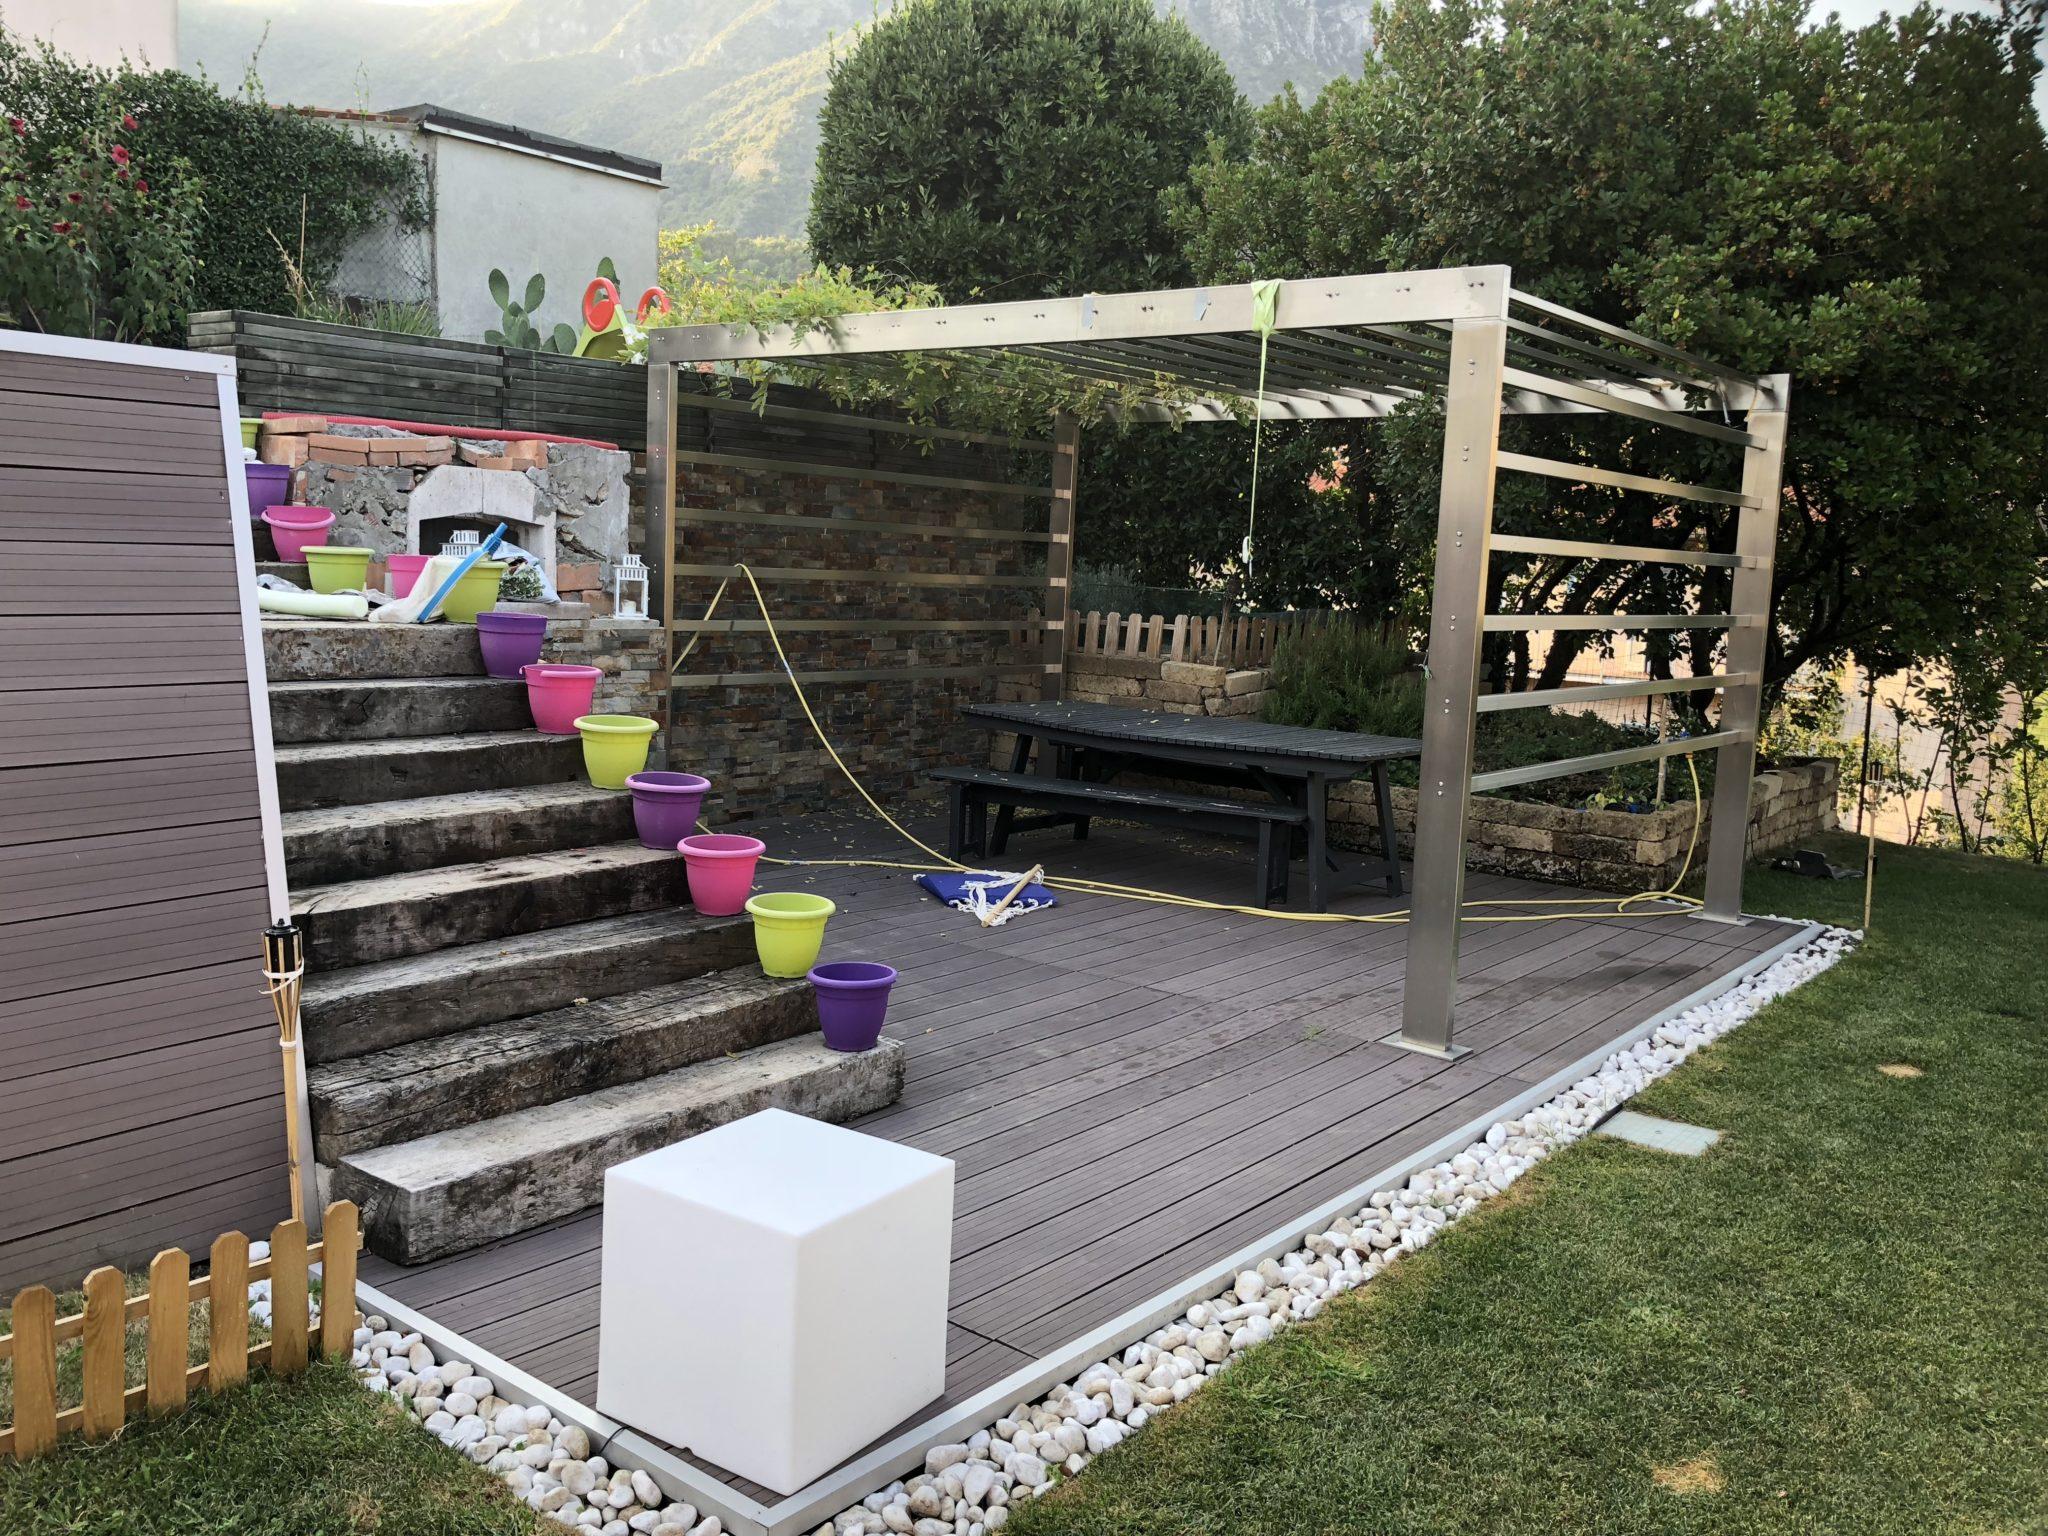 Arredare Un Giardino Idee come arredare un giardino; idee e spunti originali. - viziato.it